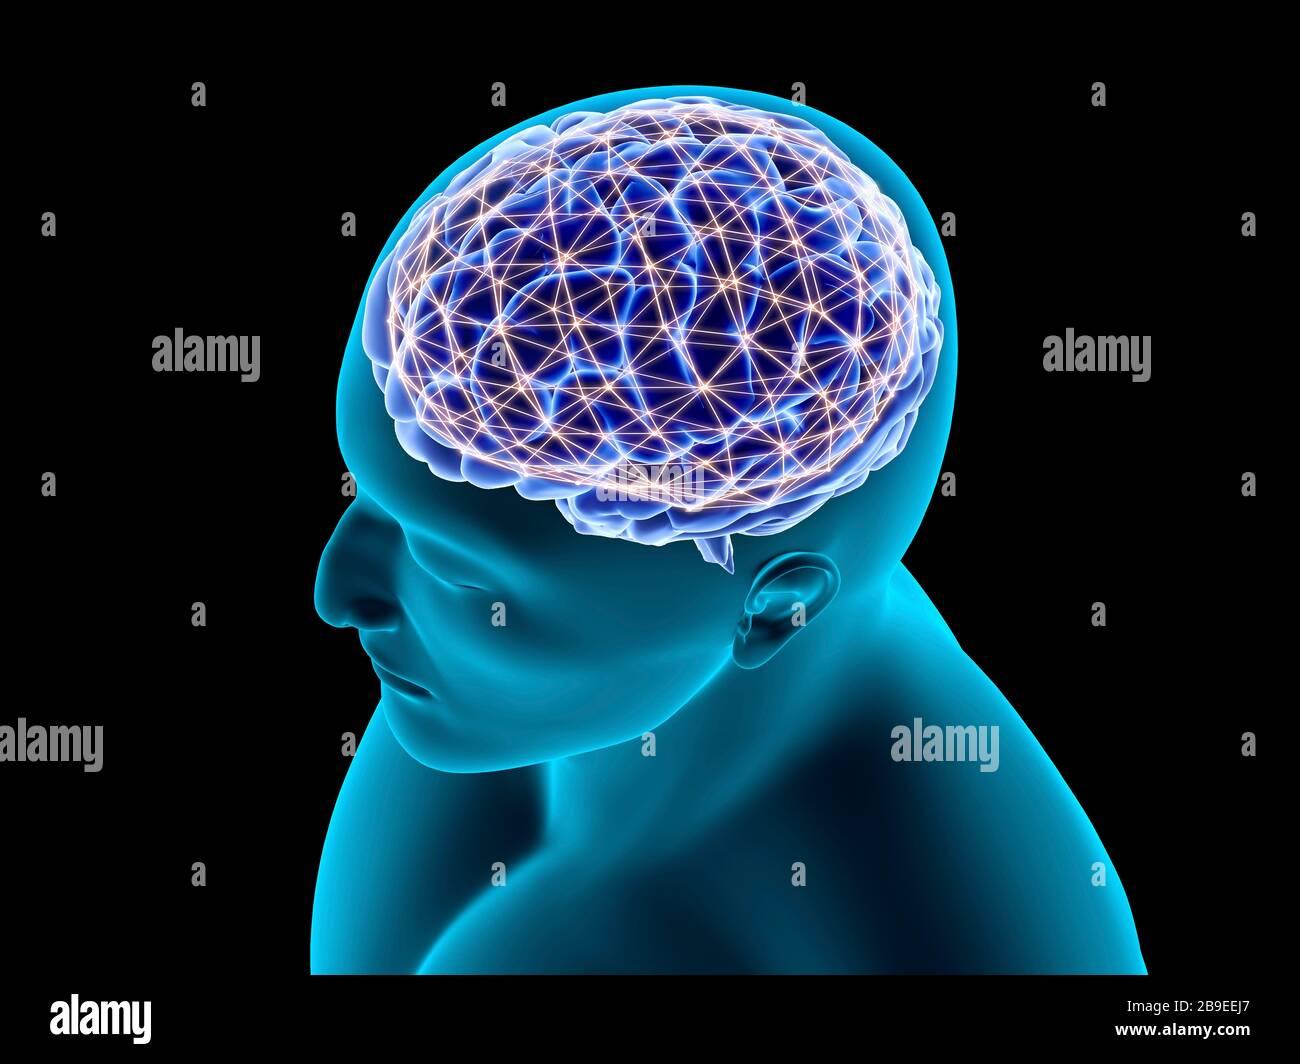 Konzeptionelles Bild eines neuronalen Netzes im menschlichen Gehirn. Stockfoto